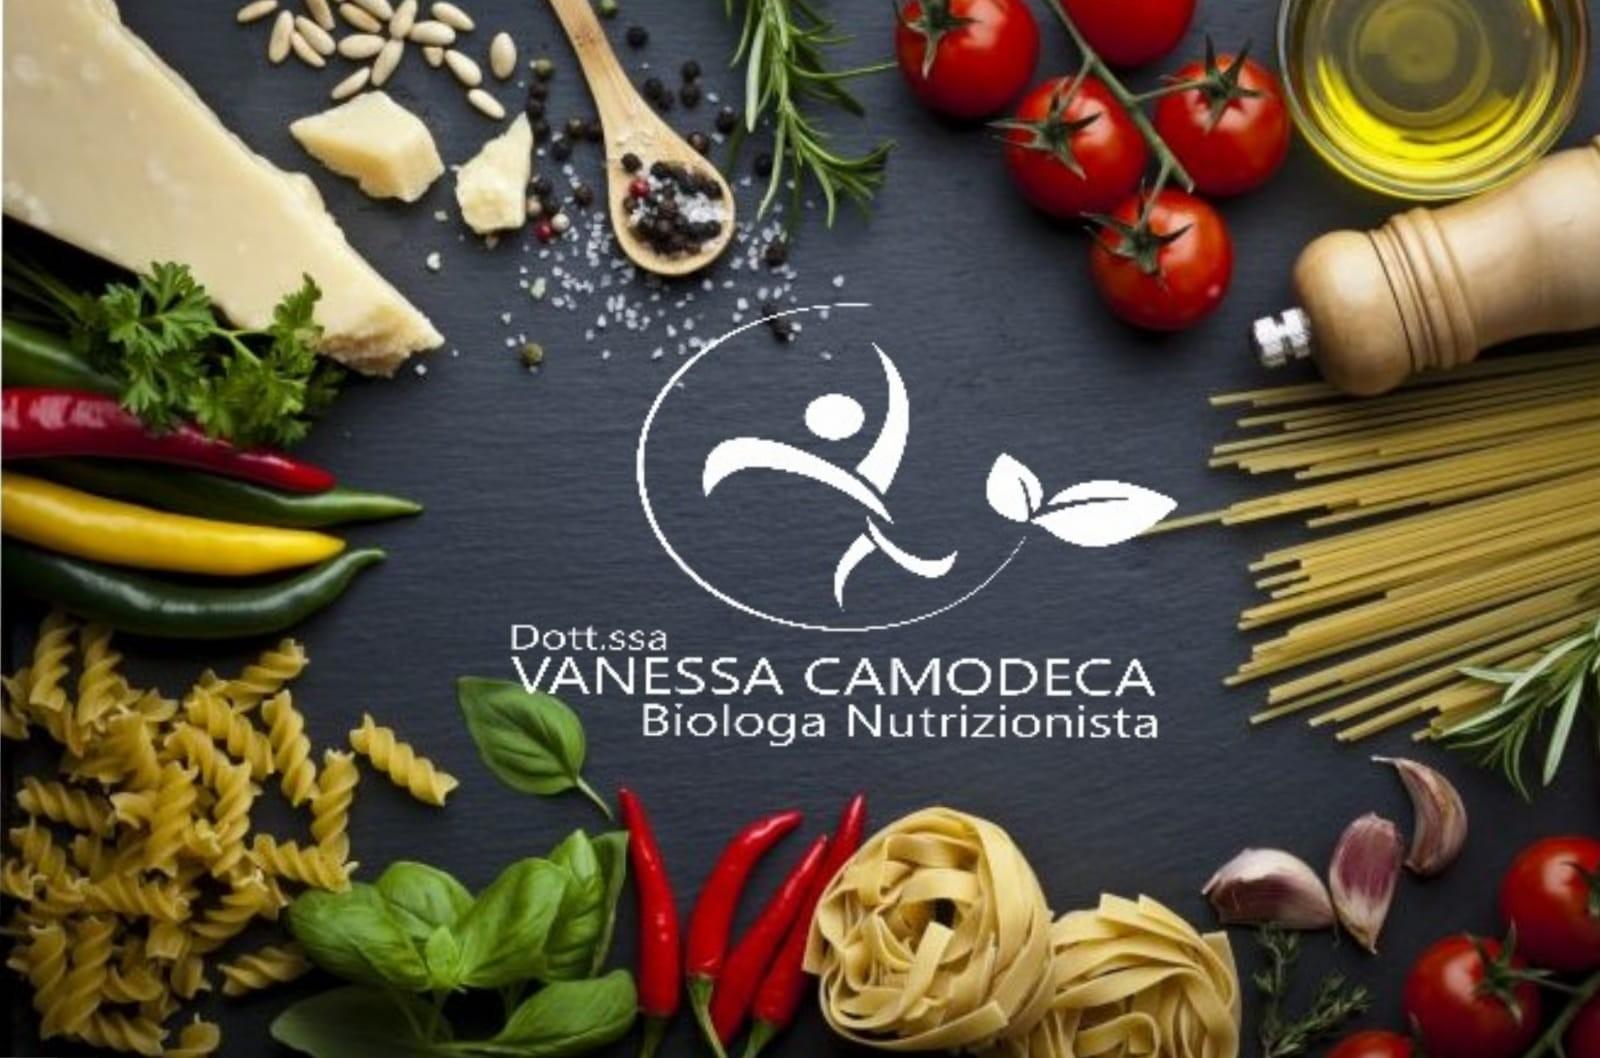 Dieta mediterranea: dimagrire e prevenire! Visita nutrizionale con misurazione bioimpedenziometrica + stesura dieta dalla Dott.ssa Camodeca Vanessa nel cuore di Albaro in via Giordano Bruno!